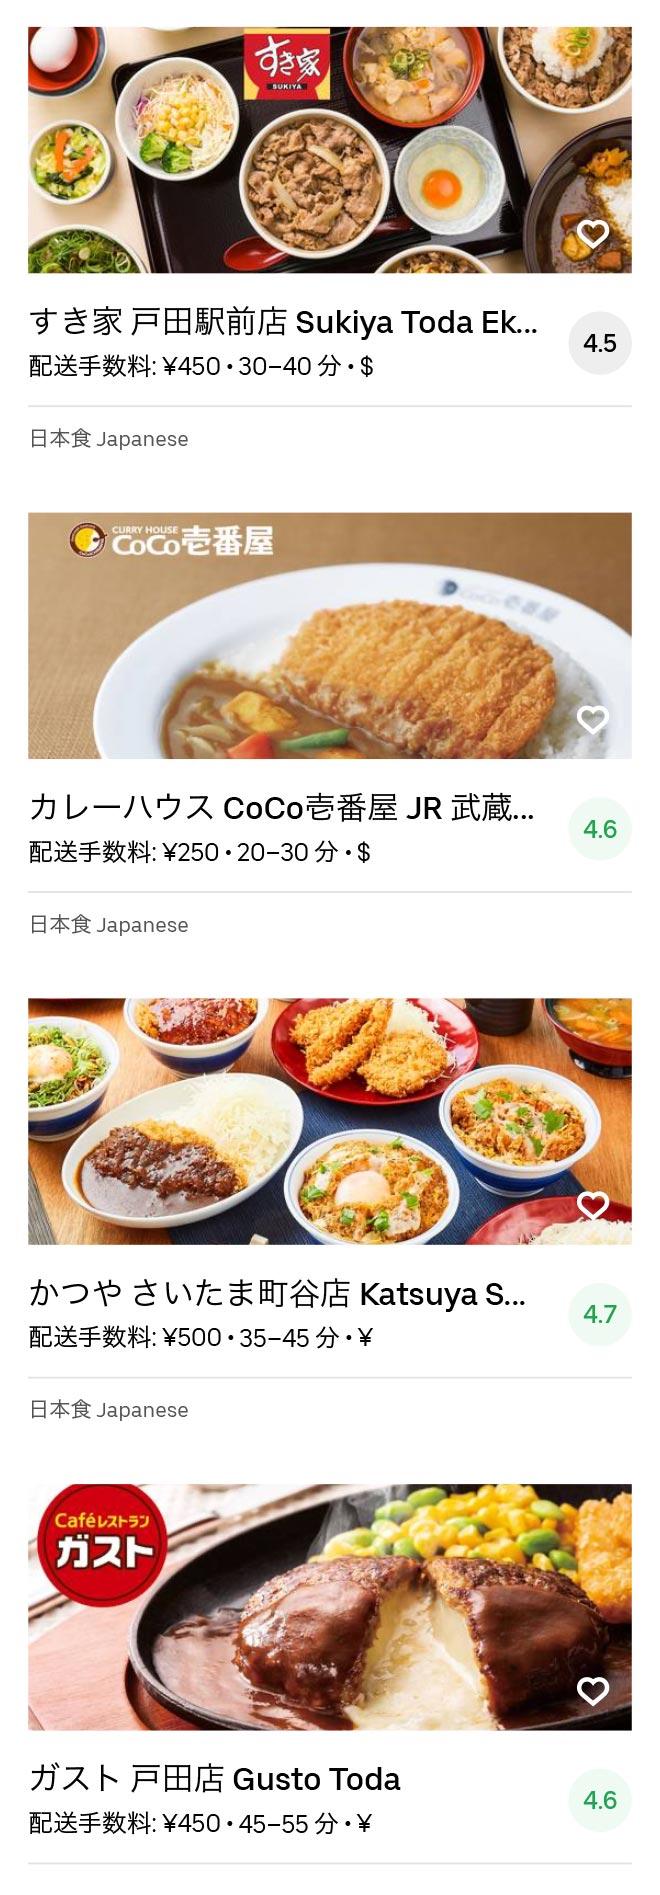 Saitama minami urawa menu 2006 05